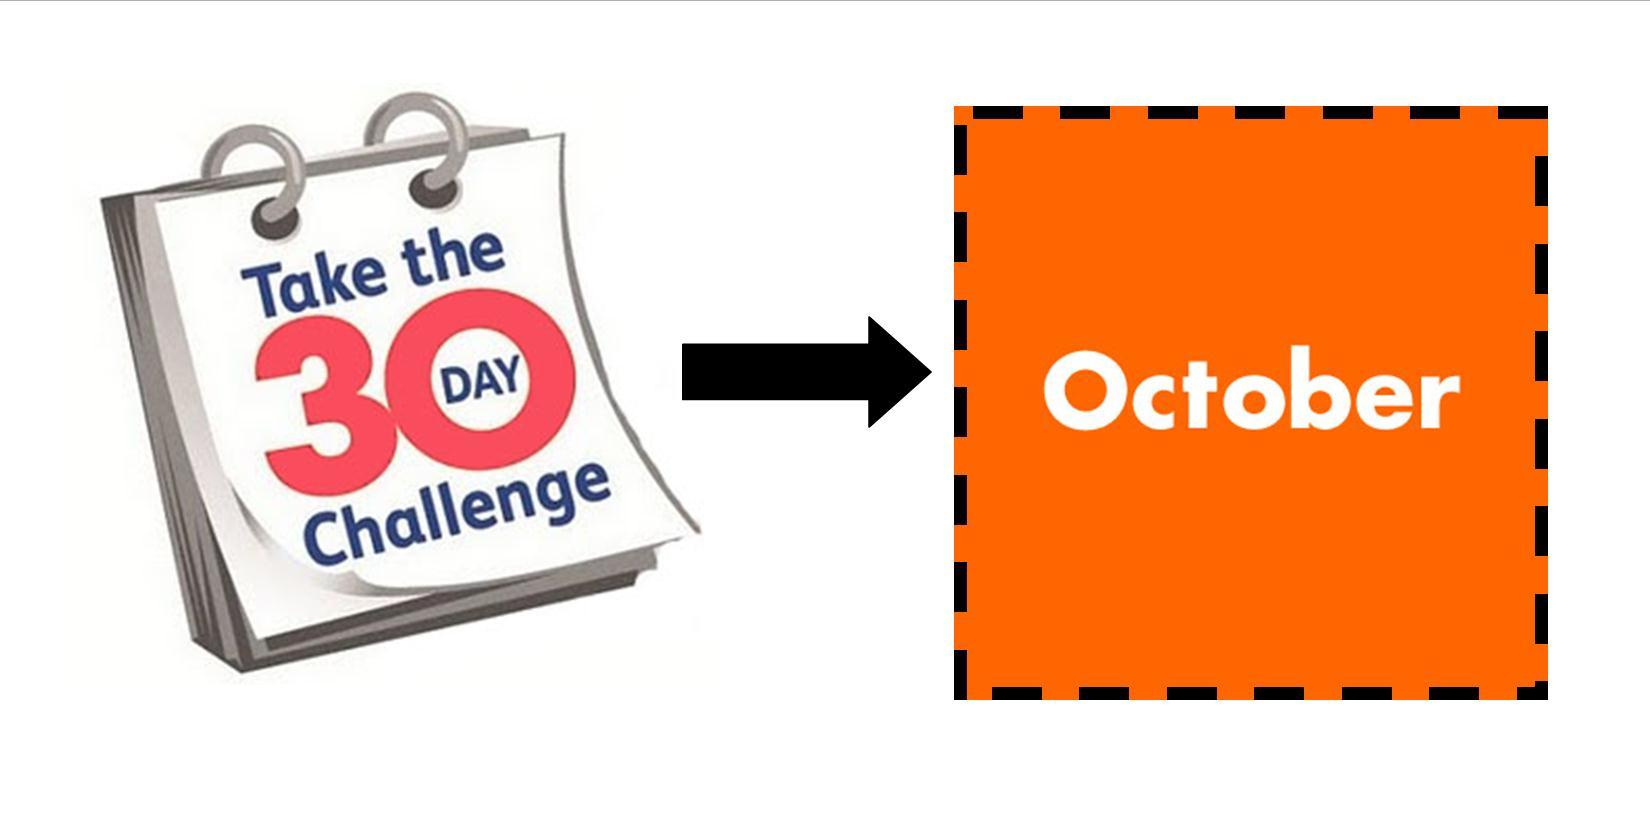 october-challenge.jpg